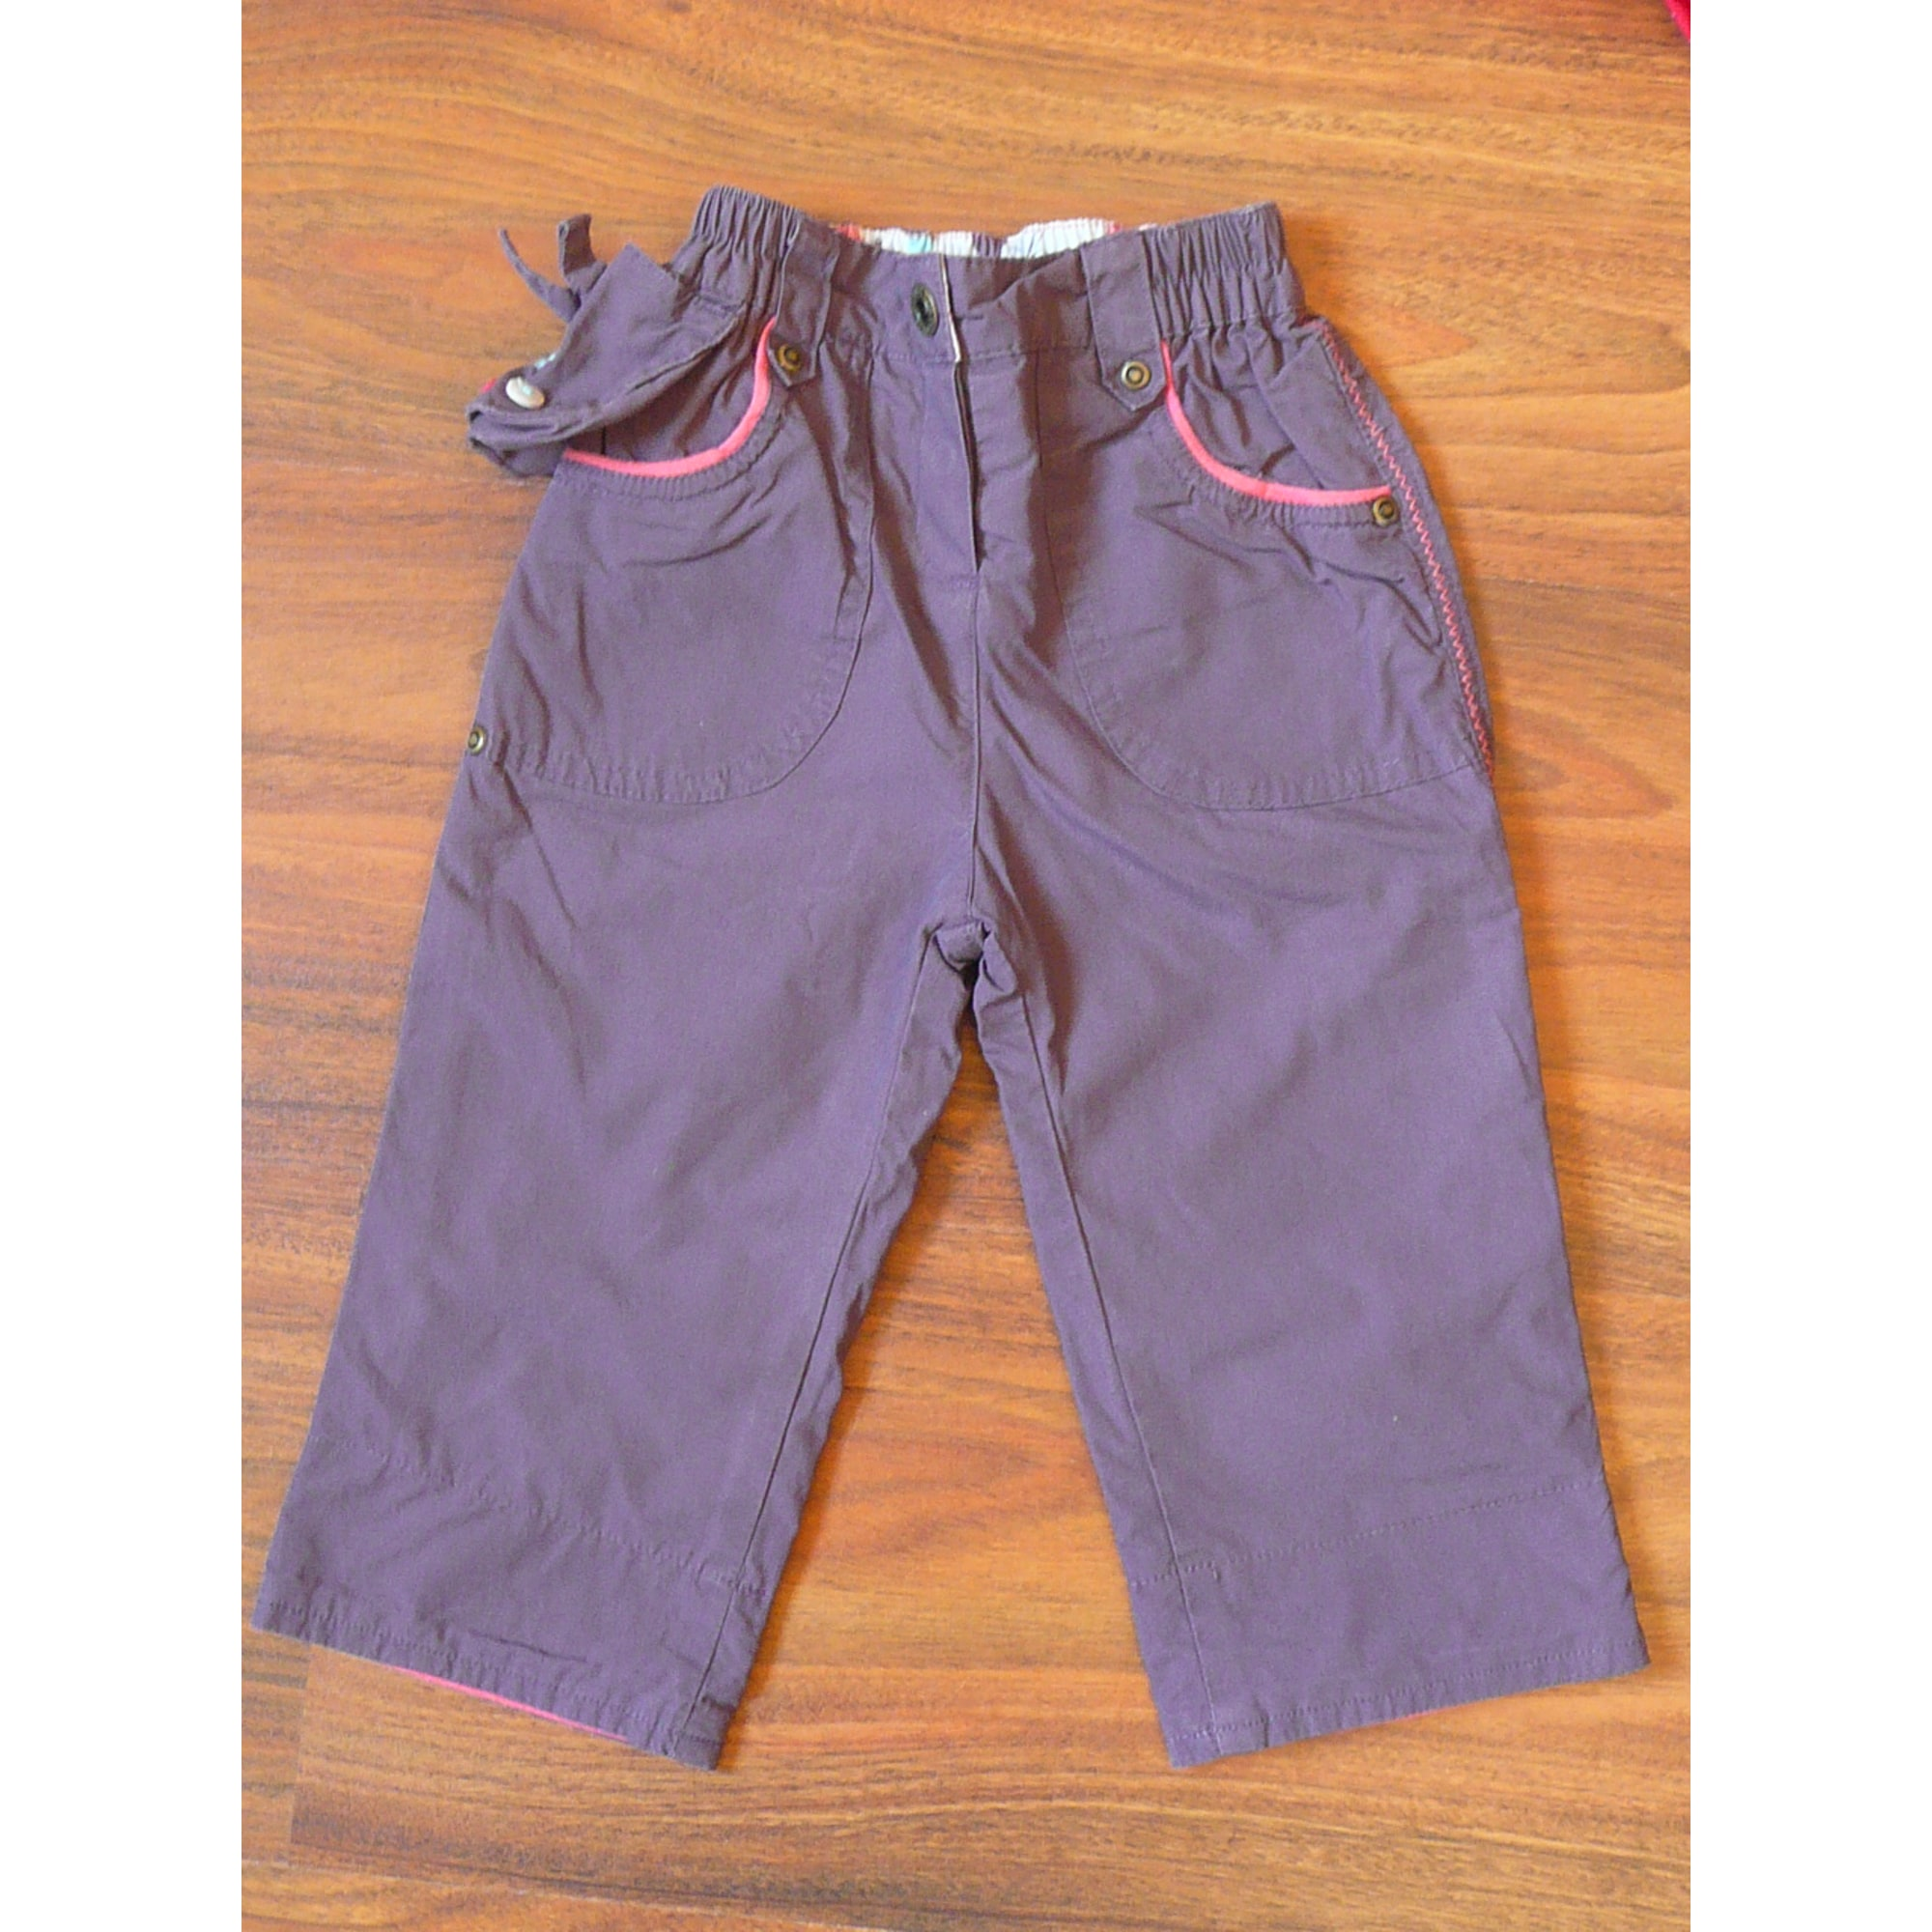 Pantalon CADET ROUSSELLE Violet, mauve, lavande